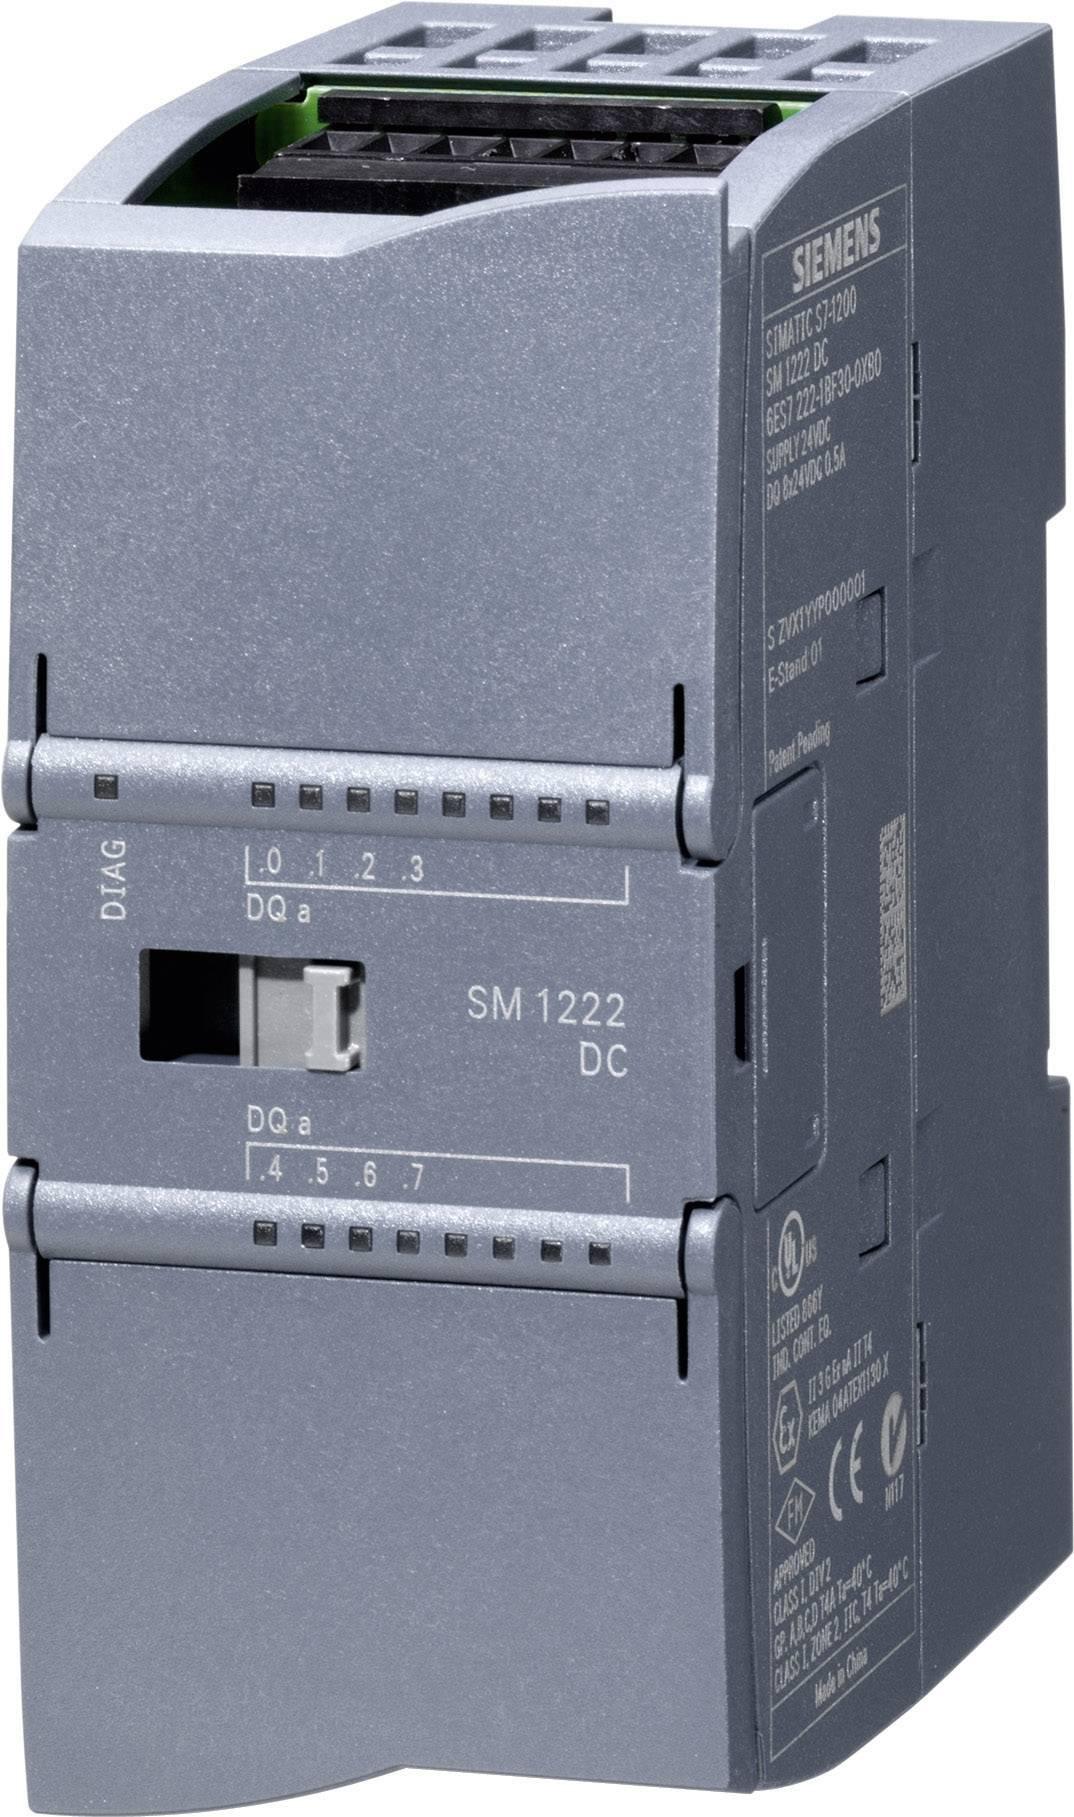 PLC rozširujúci modul Siemens SM 1222 6ES7222-1HH32-0XB0